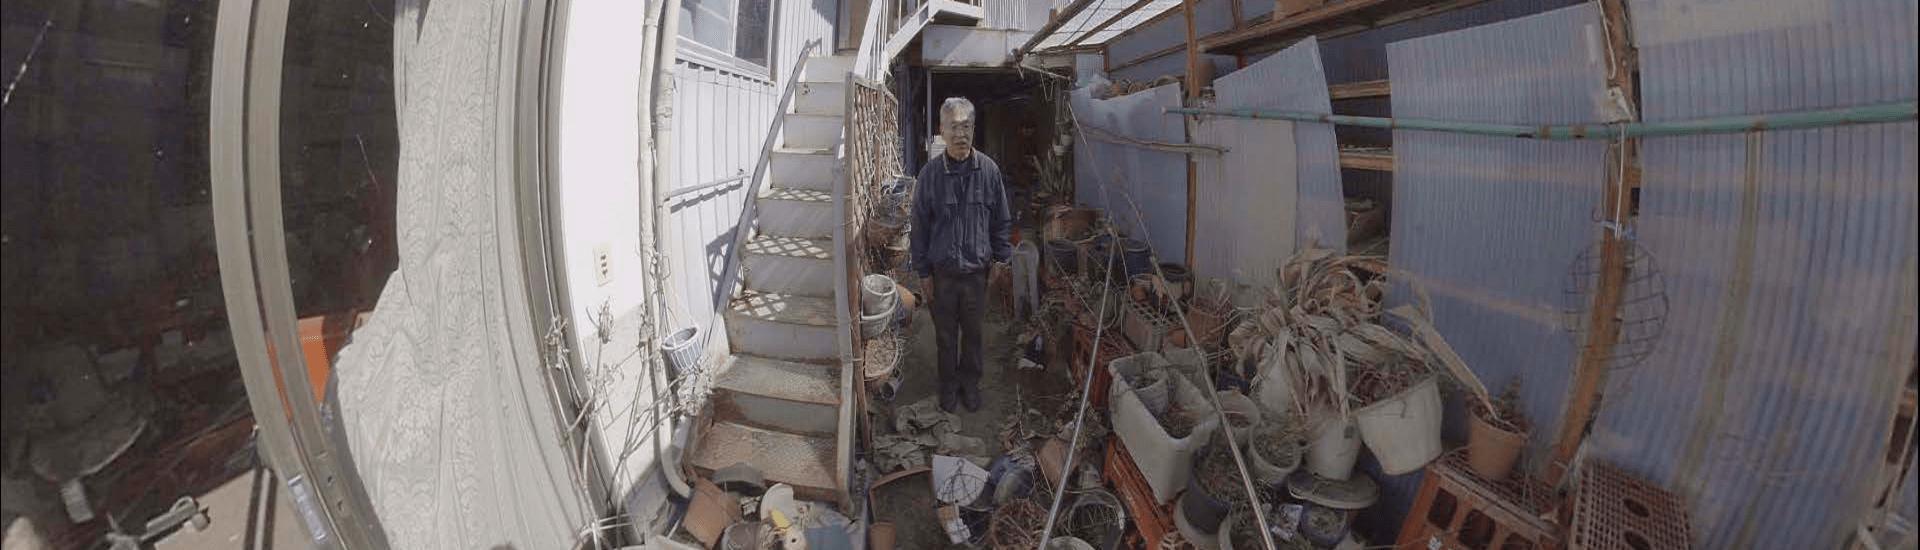 Fukushima: Contaminated Lives